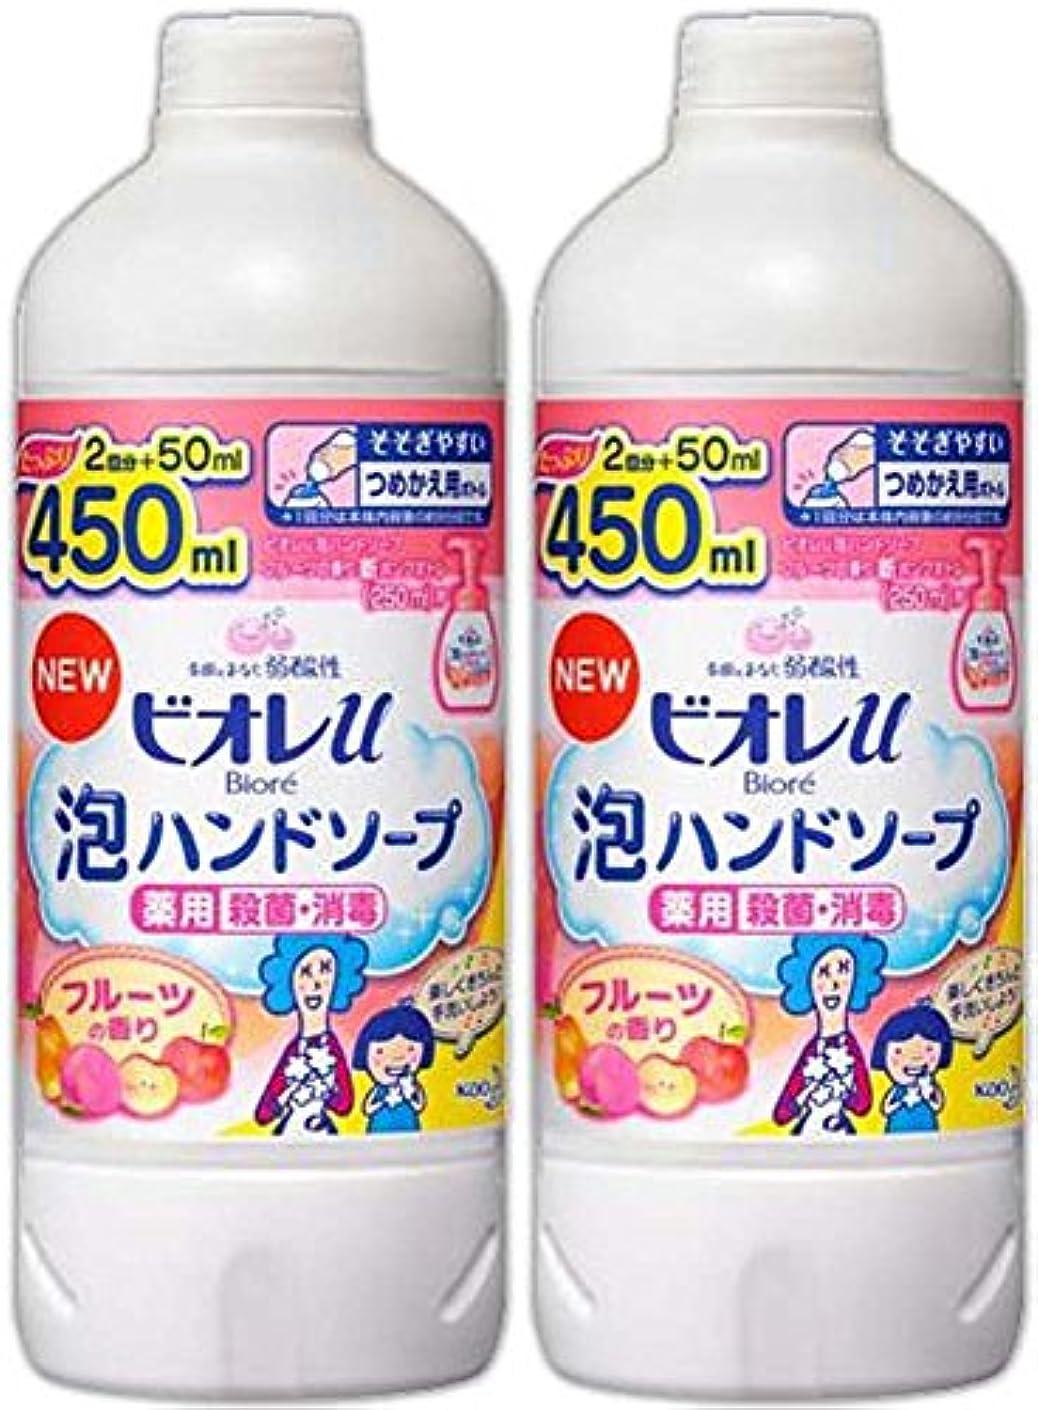 石油おそらく果てしない花王 ビオレu泡 ハンドソープ フルーツ 詰替 2P